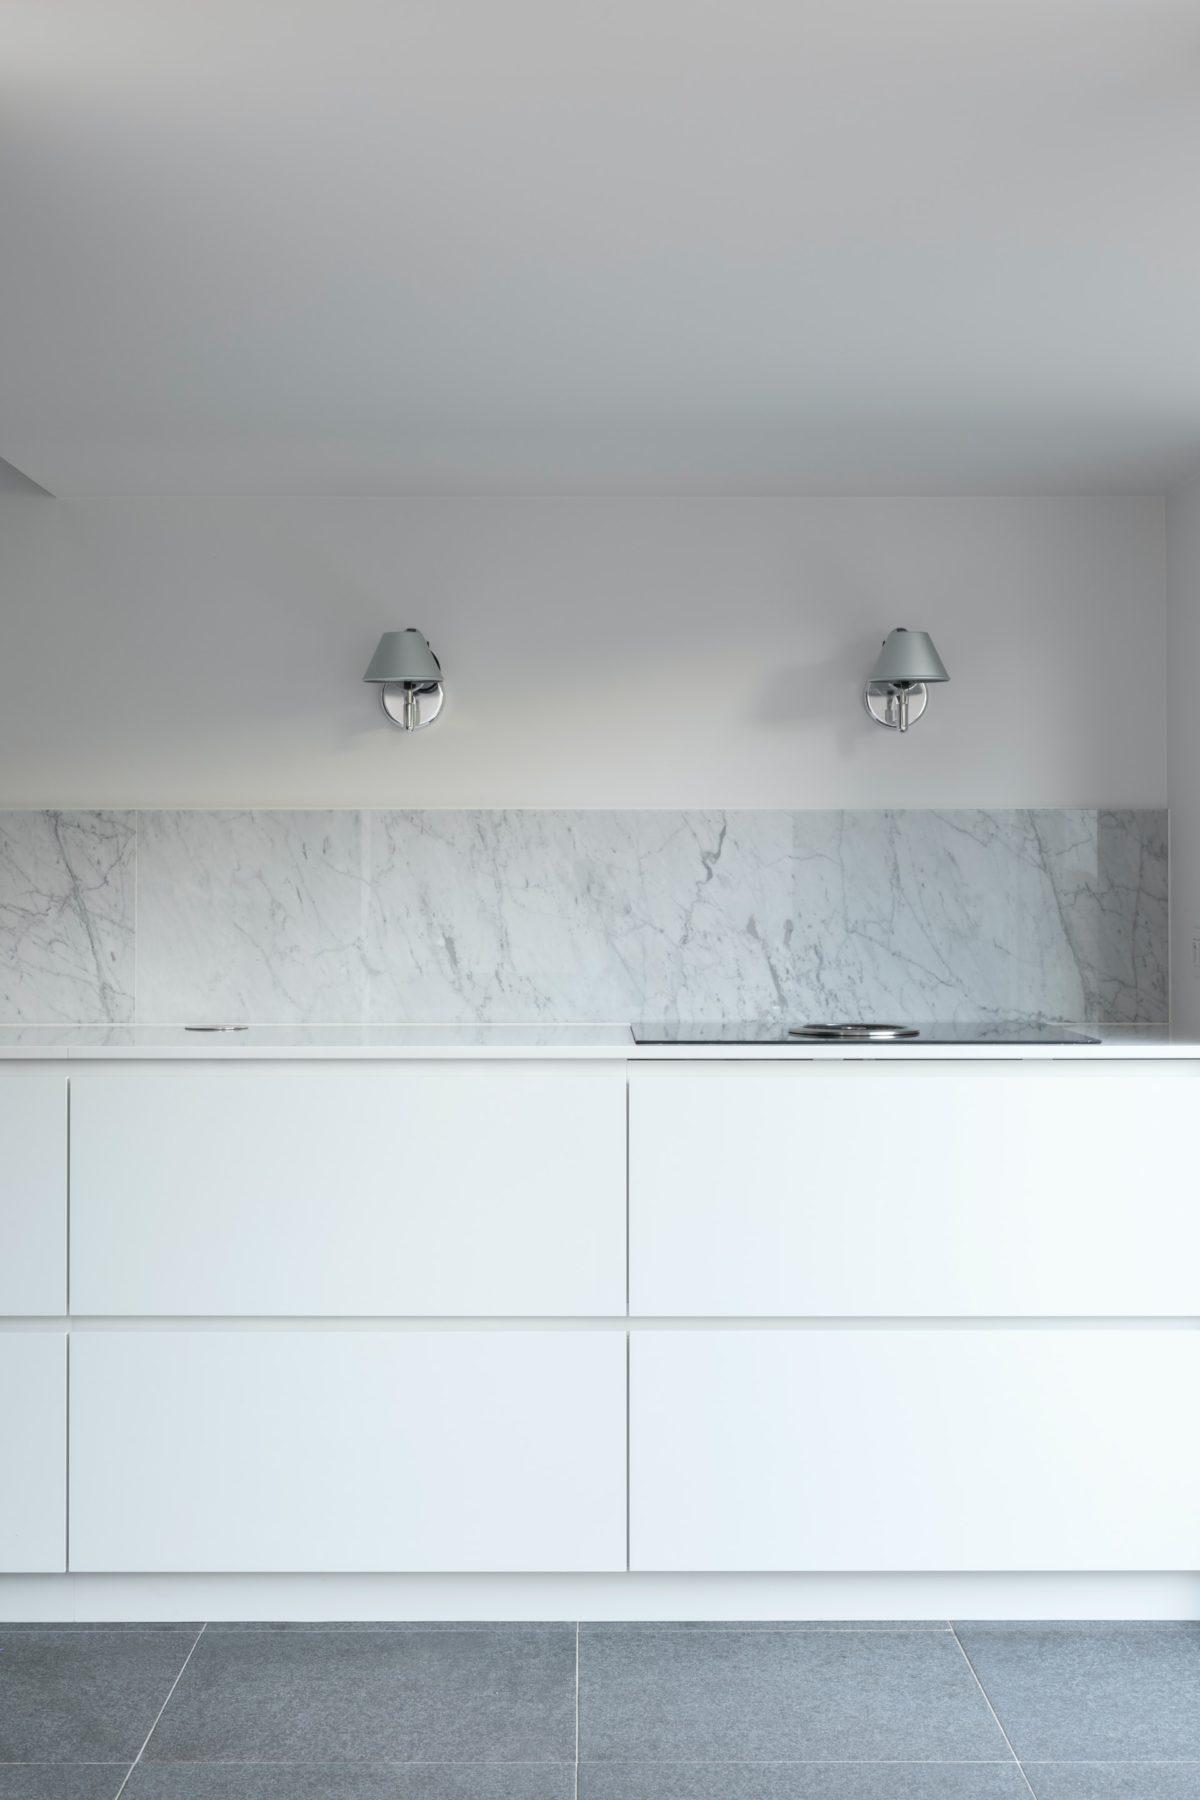 okap blatowy pozwala na całkowite pozbycie się zabudowy nadblatowej lub dodatkowych sprzętów nad blatem kuchennym.